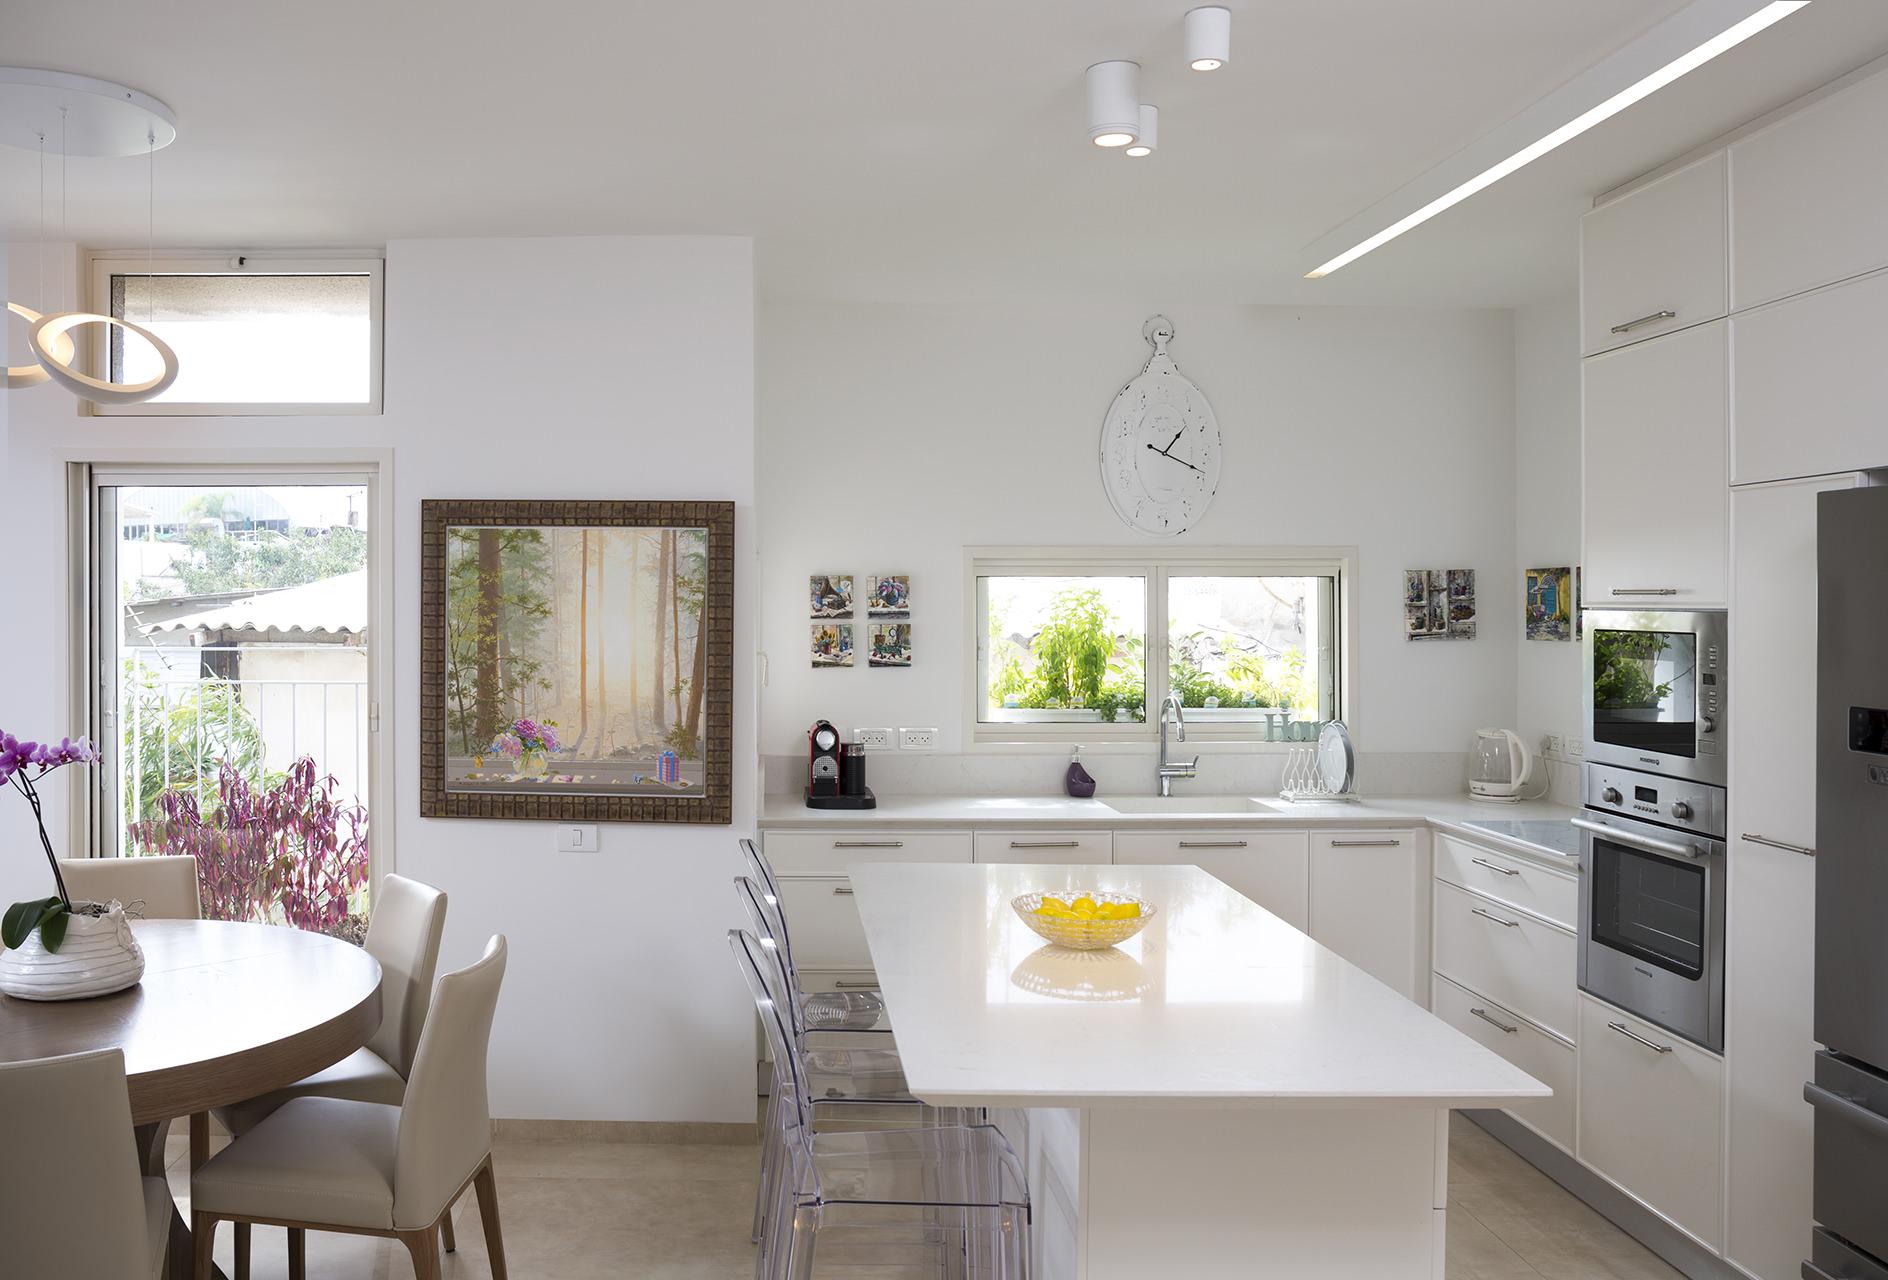 אדריכלות ועיצוב - פינת אוכל ומטבח